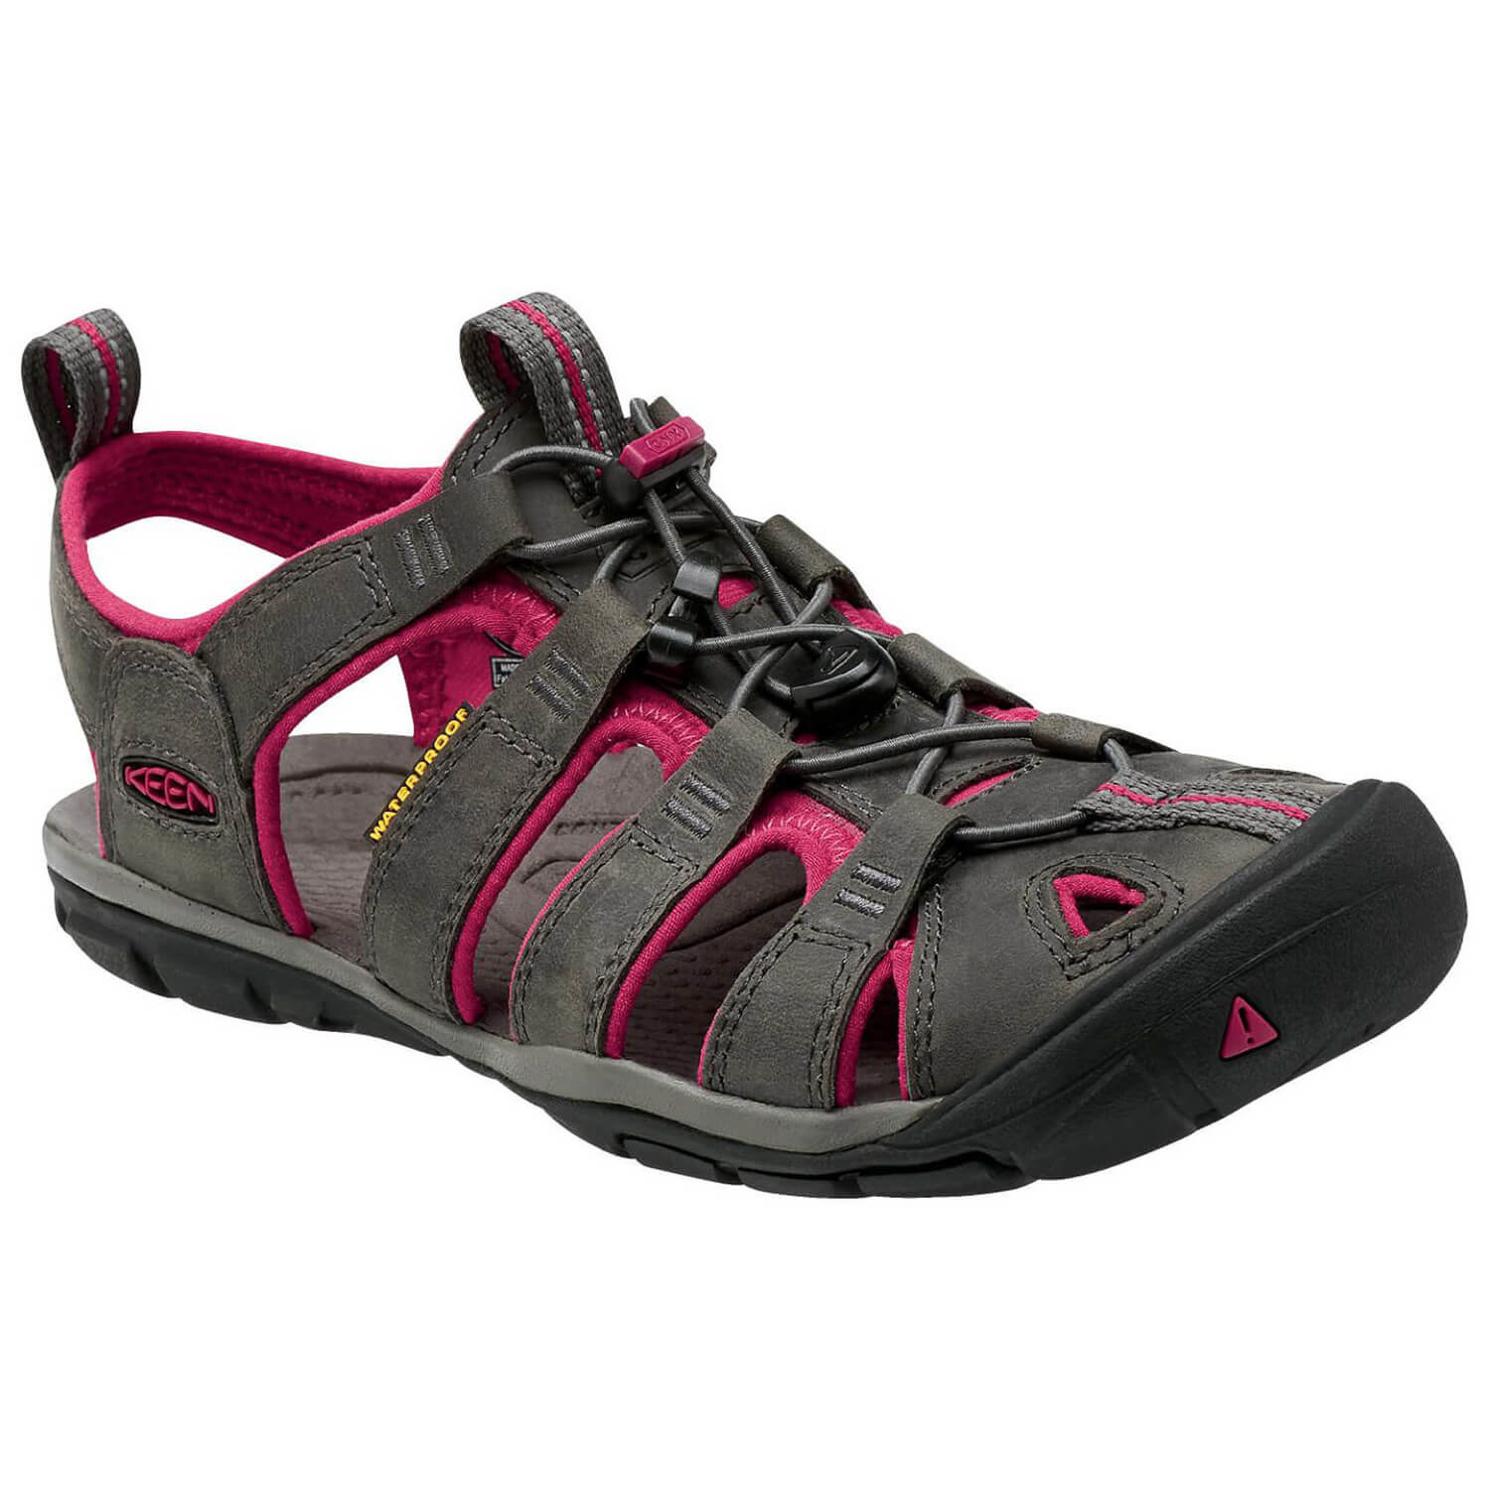 Keen - Women's Clearwater CNX Leather - Sandalen Gr 7,5 schwarz